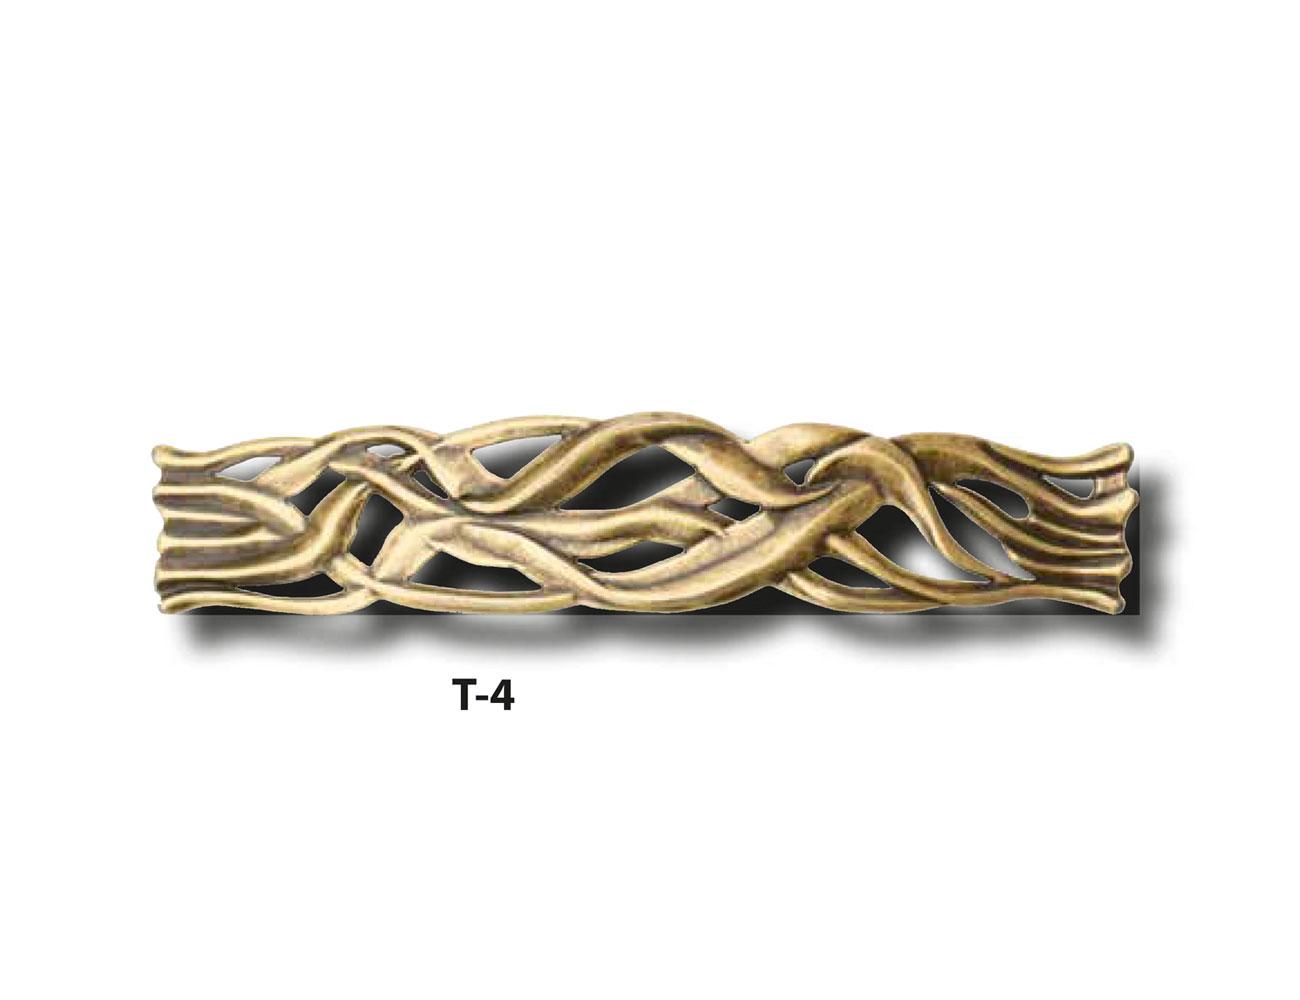 Silla en madera de dise o tapizada y con respaldo en - Factor mueble granada ...